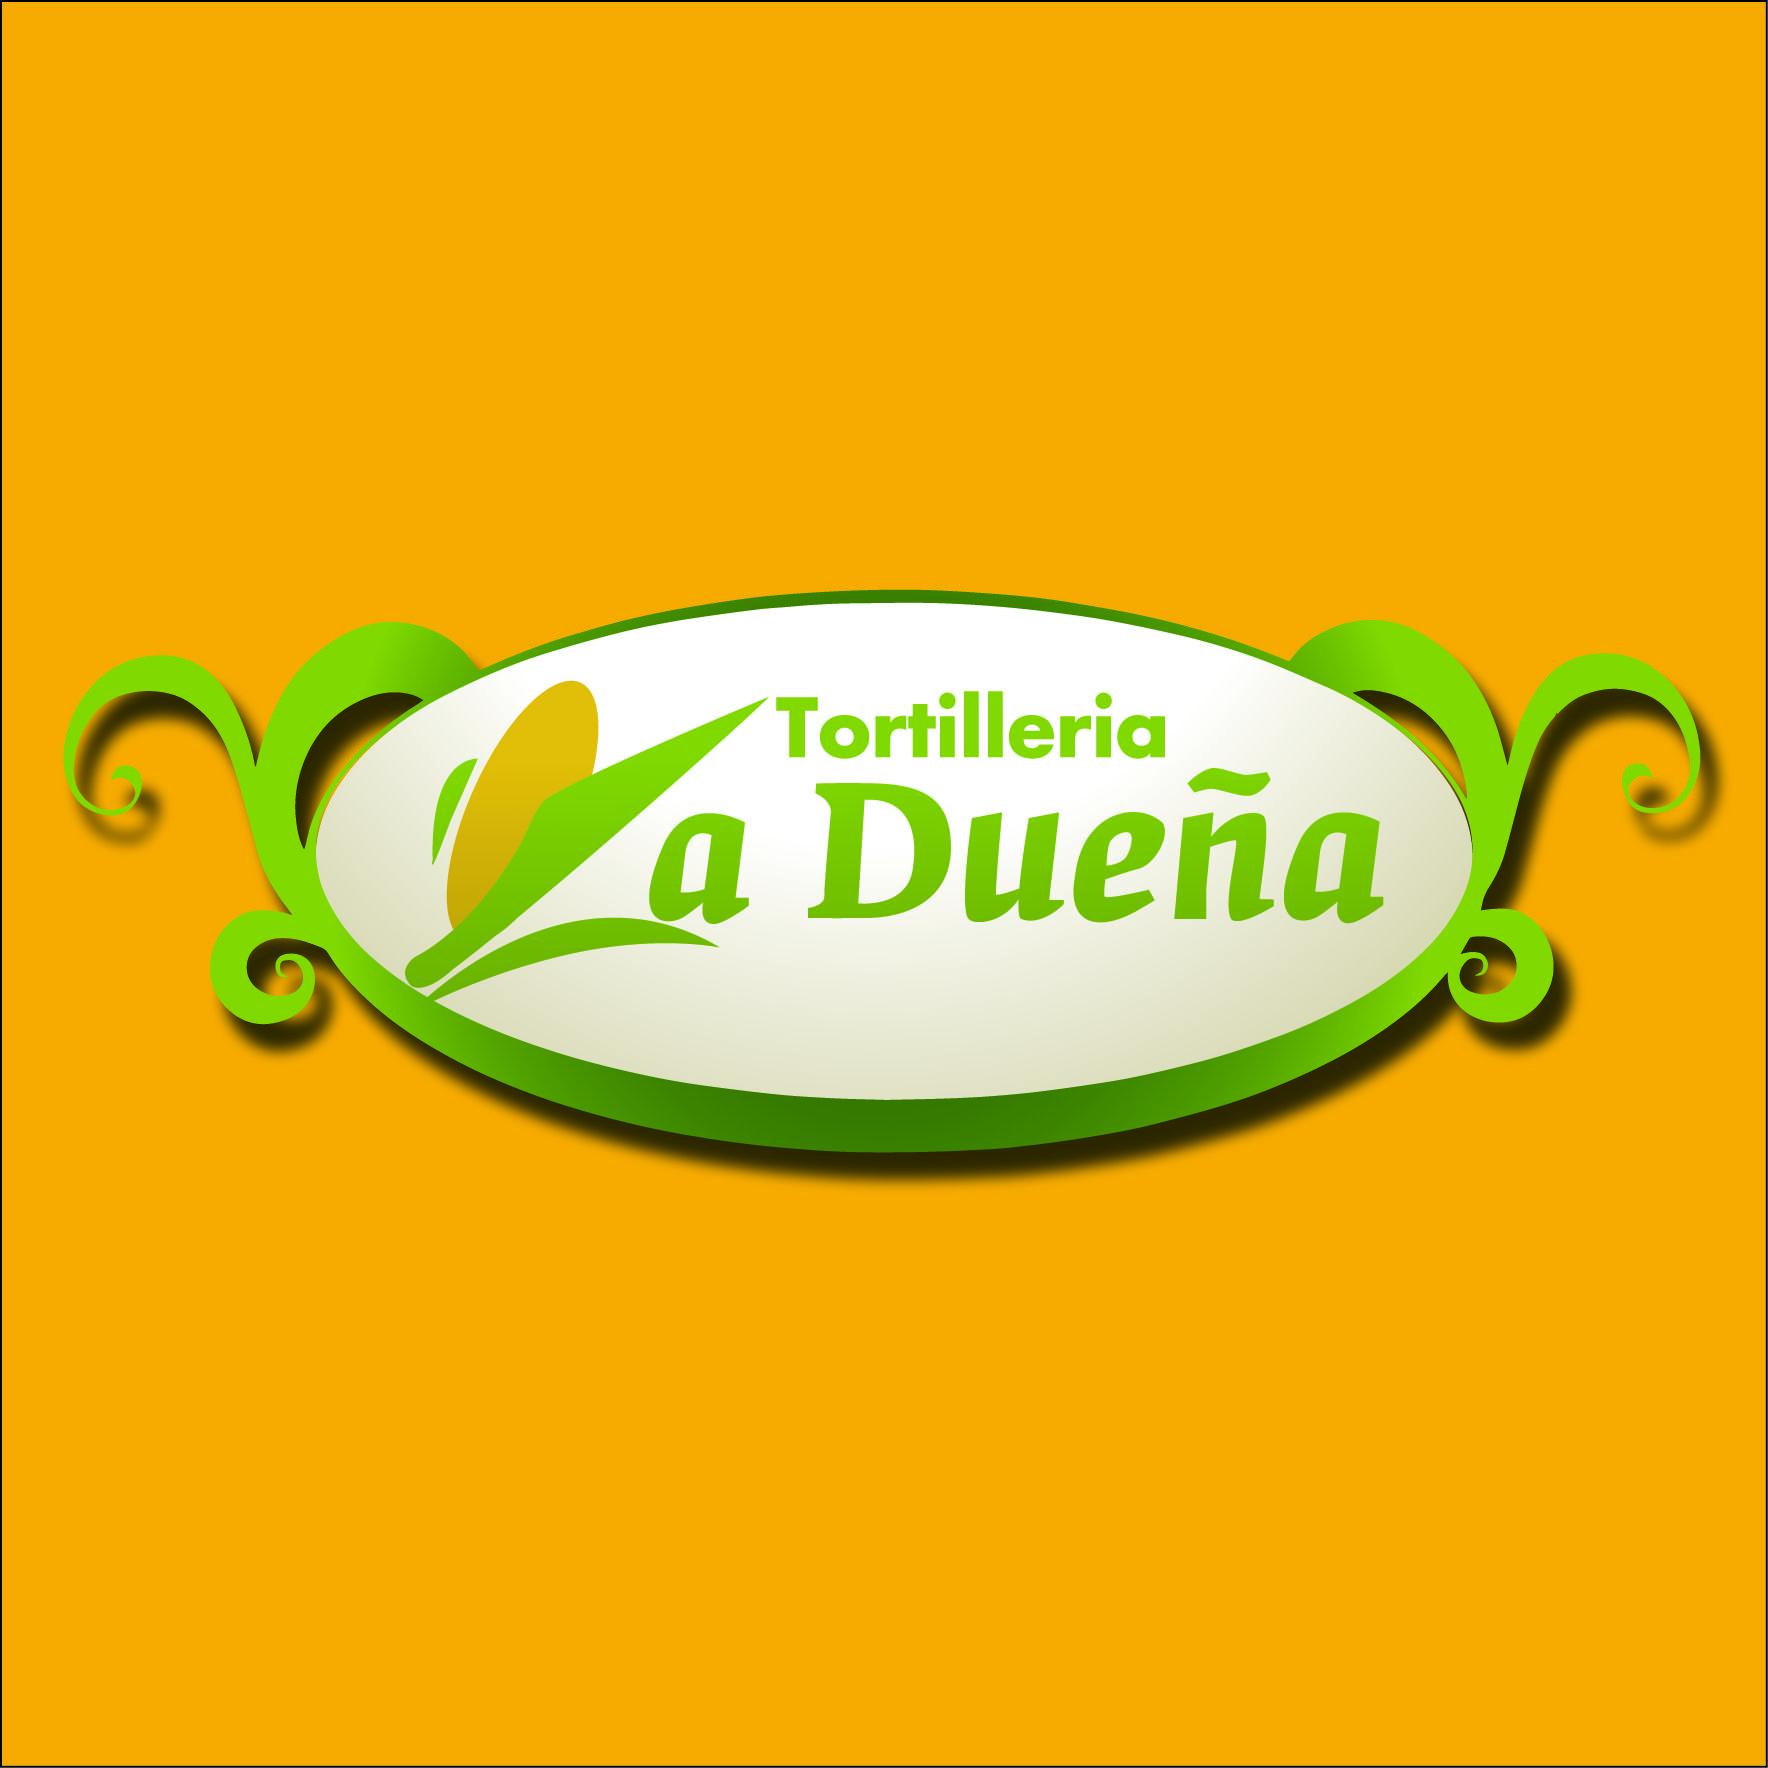 Tortilleria Logotipos